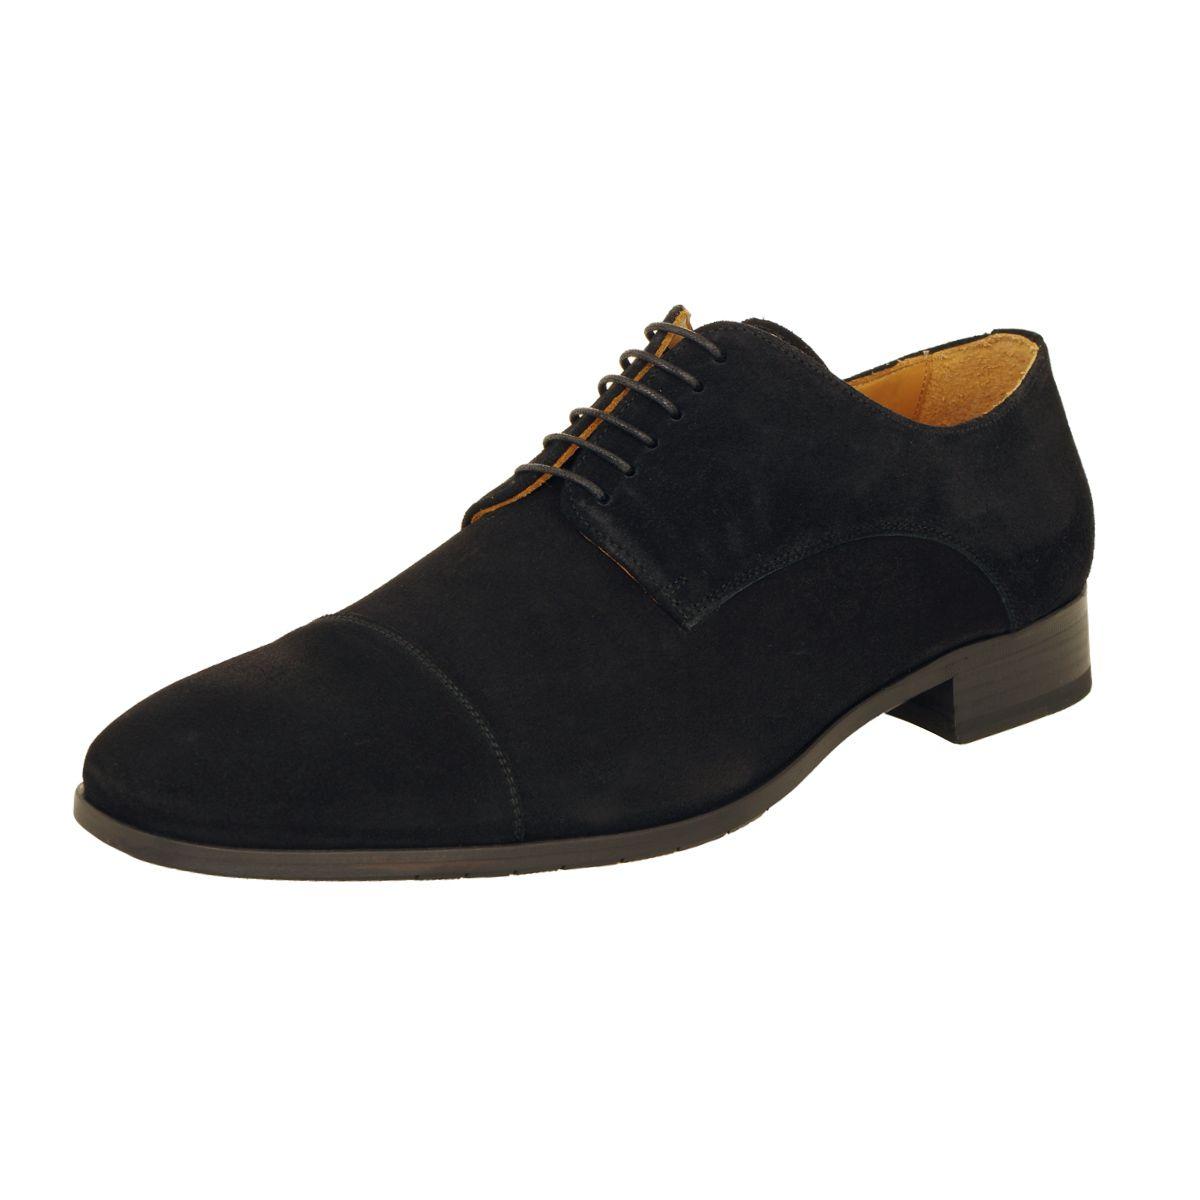 chaussures en daim noires grande taille jusqu 39 au 49 size factory paul edwards. Black Bedroom Furniture Sets. Home Design Ideas